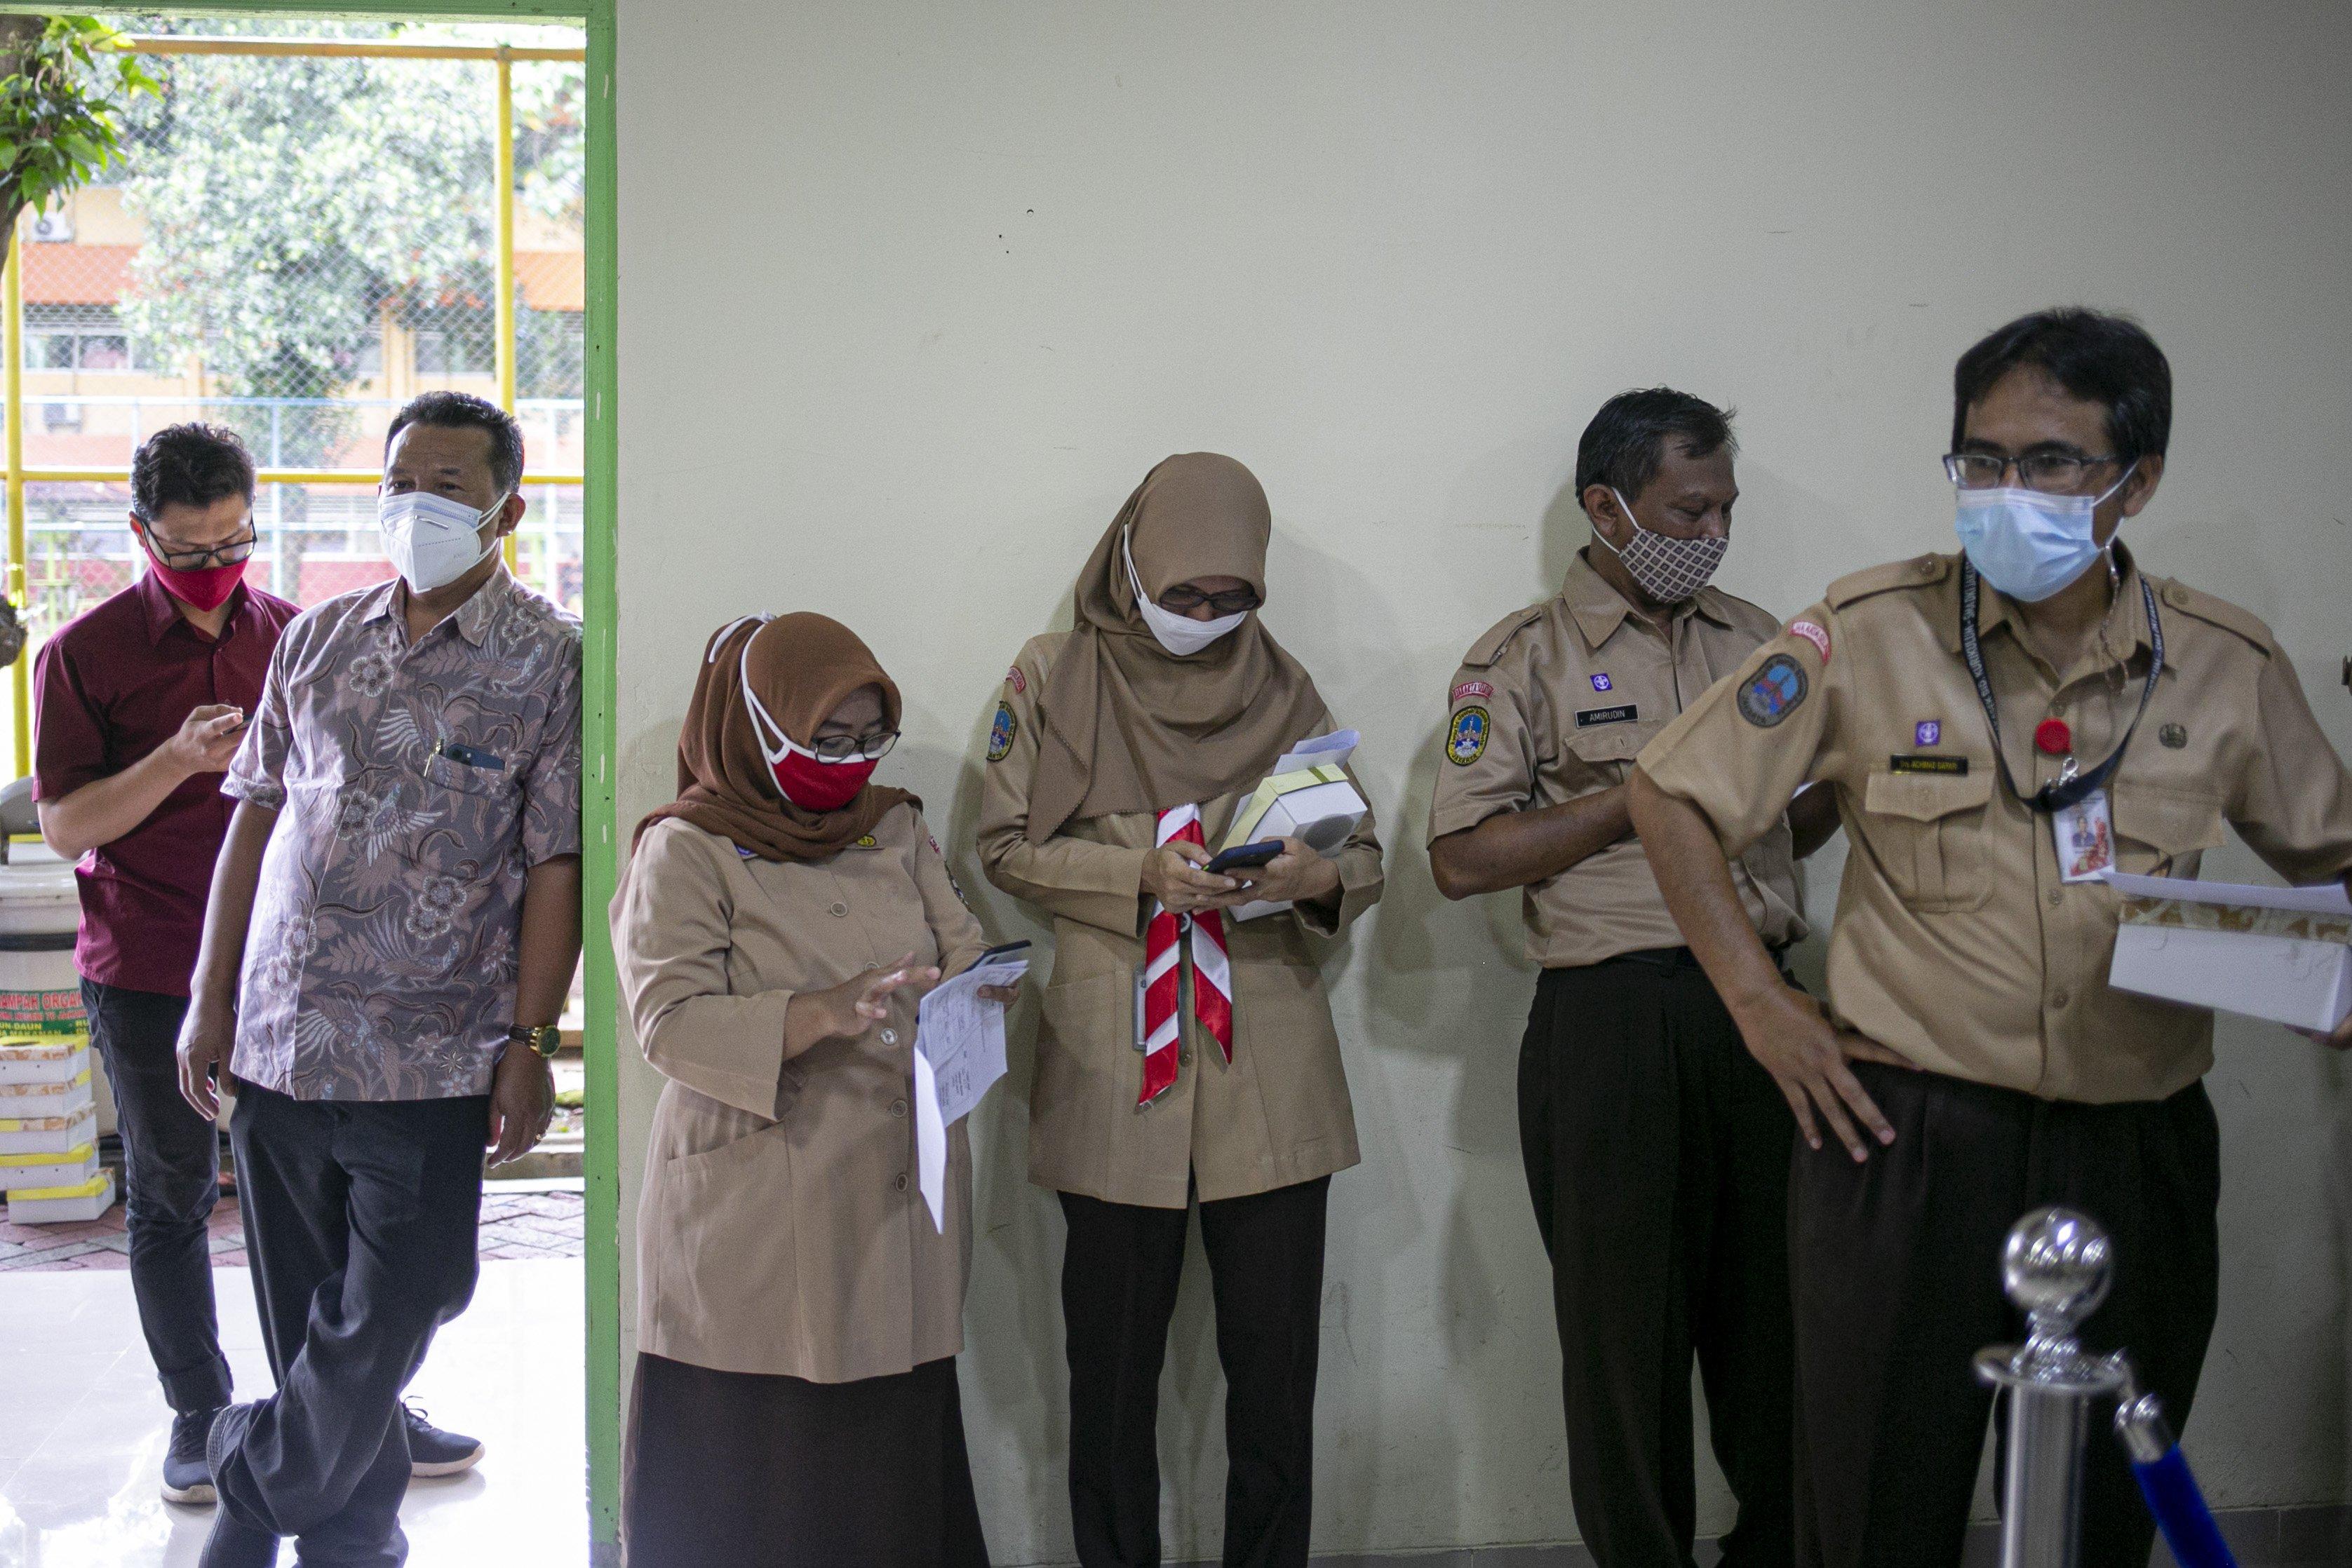 Sejumlah tenaga pendidikan mengantre vaksinasi COVID-19 di SMA Negeri 70 Jakarta, Jakarta, Rabu (24/2/2021). Pemerintah memulai tahap vaksinasi untuk guru, tenaga kependidikan, dan dosen dengan target sebanyak 5.057.582 orang se-Indonesia.